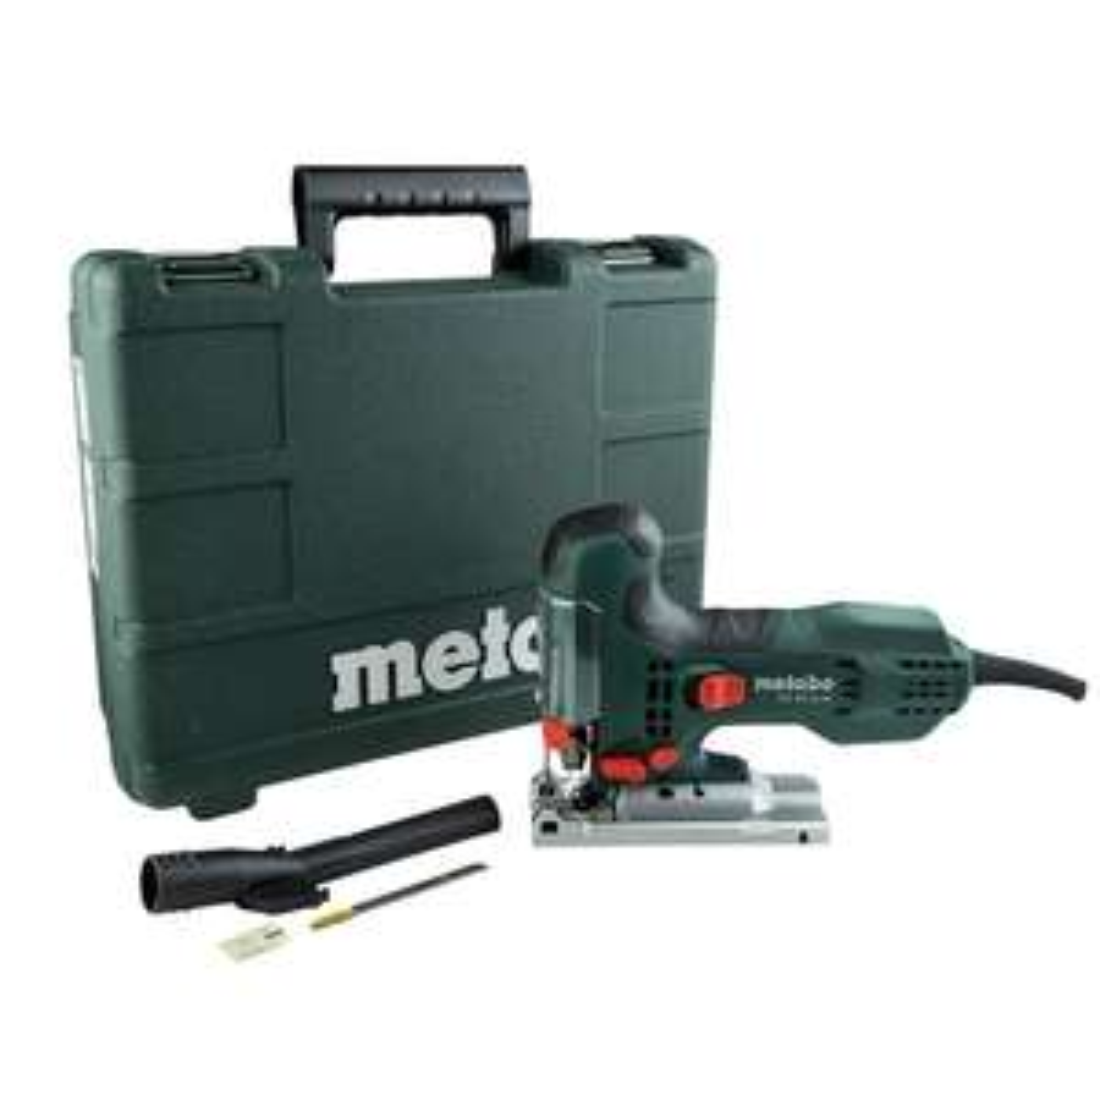 Scie sauteuse filaire Metabo STE100Quick - 710W, 100 mm + lame + coffret + clé, garantie 3 ans